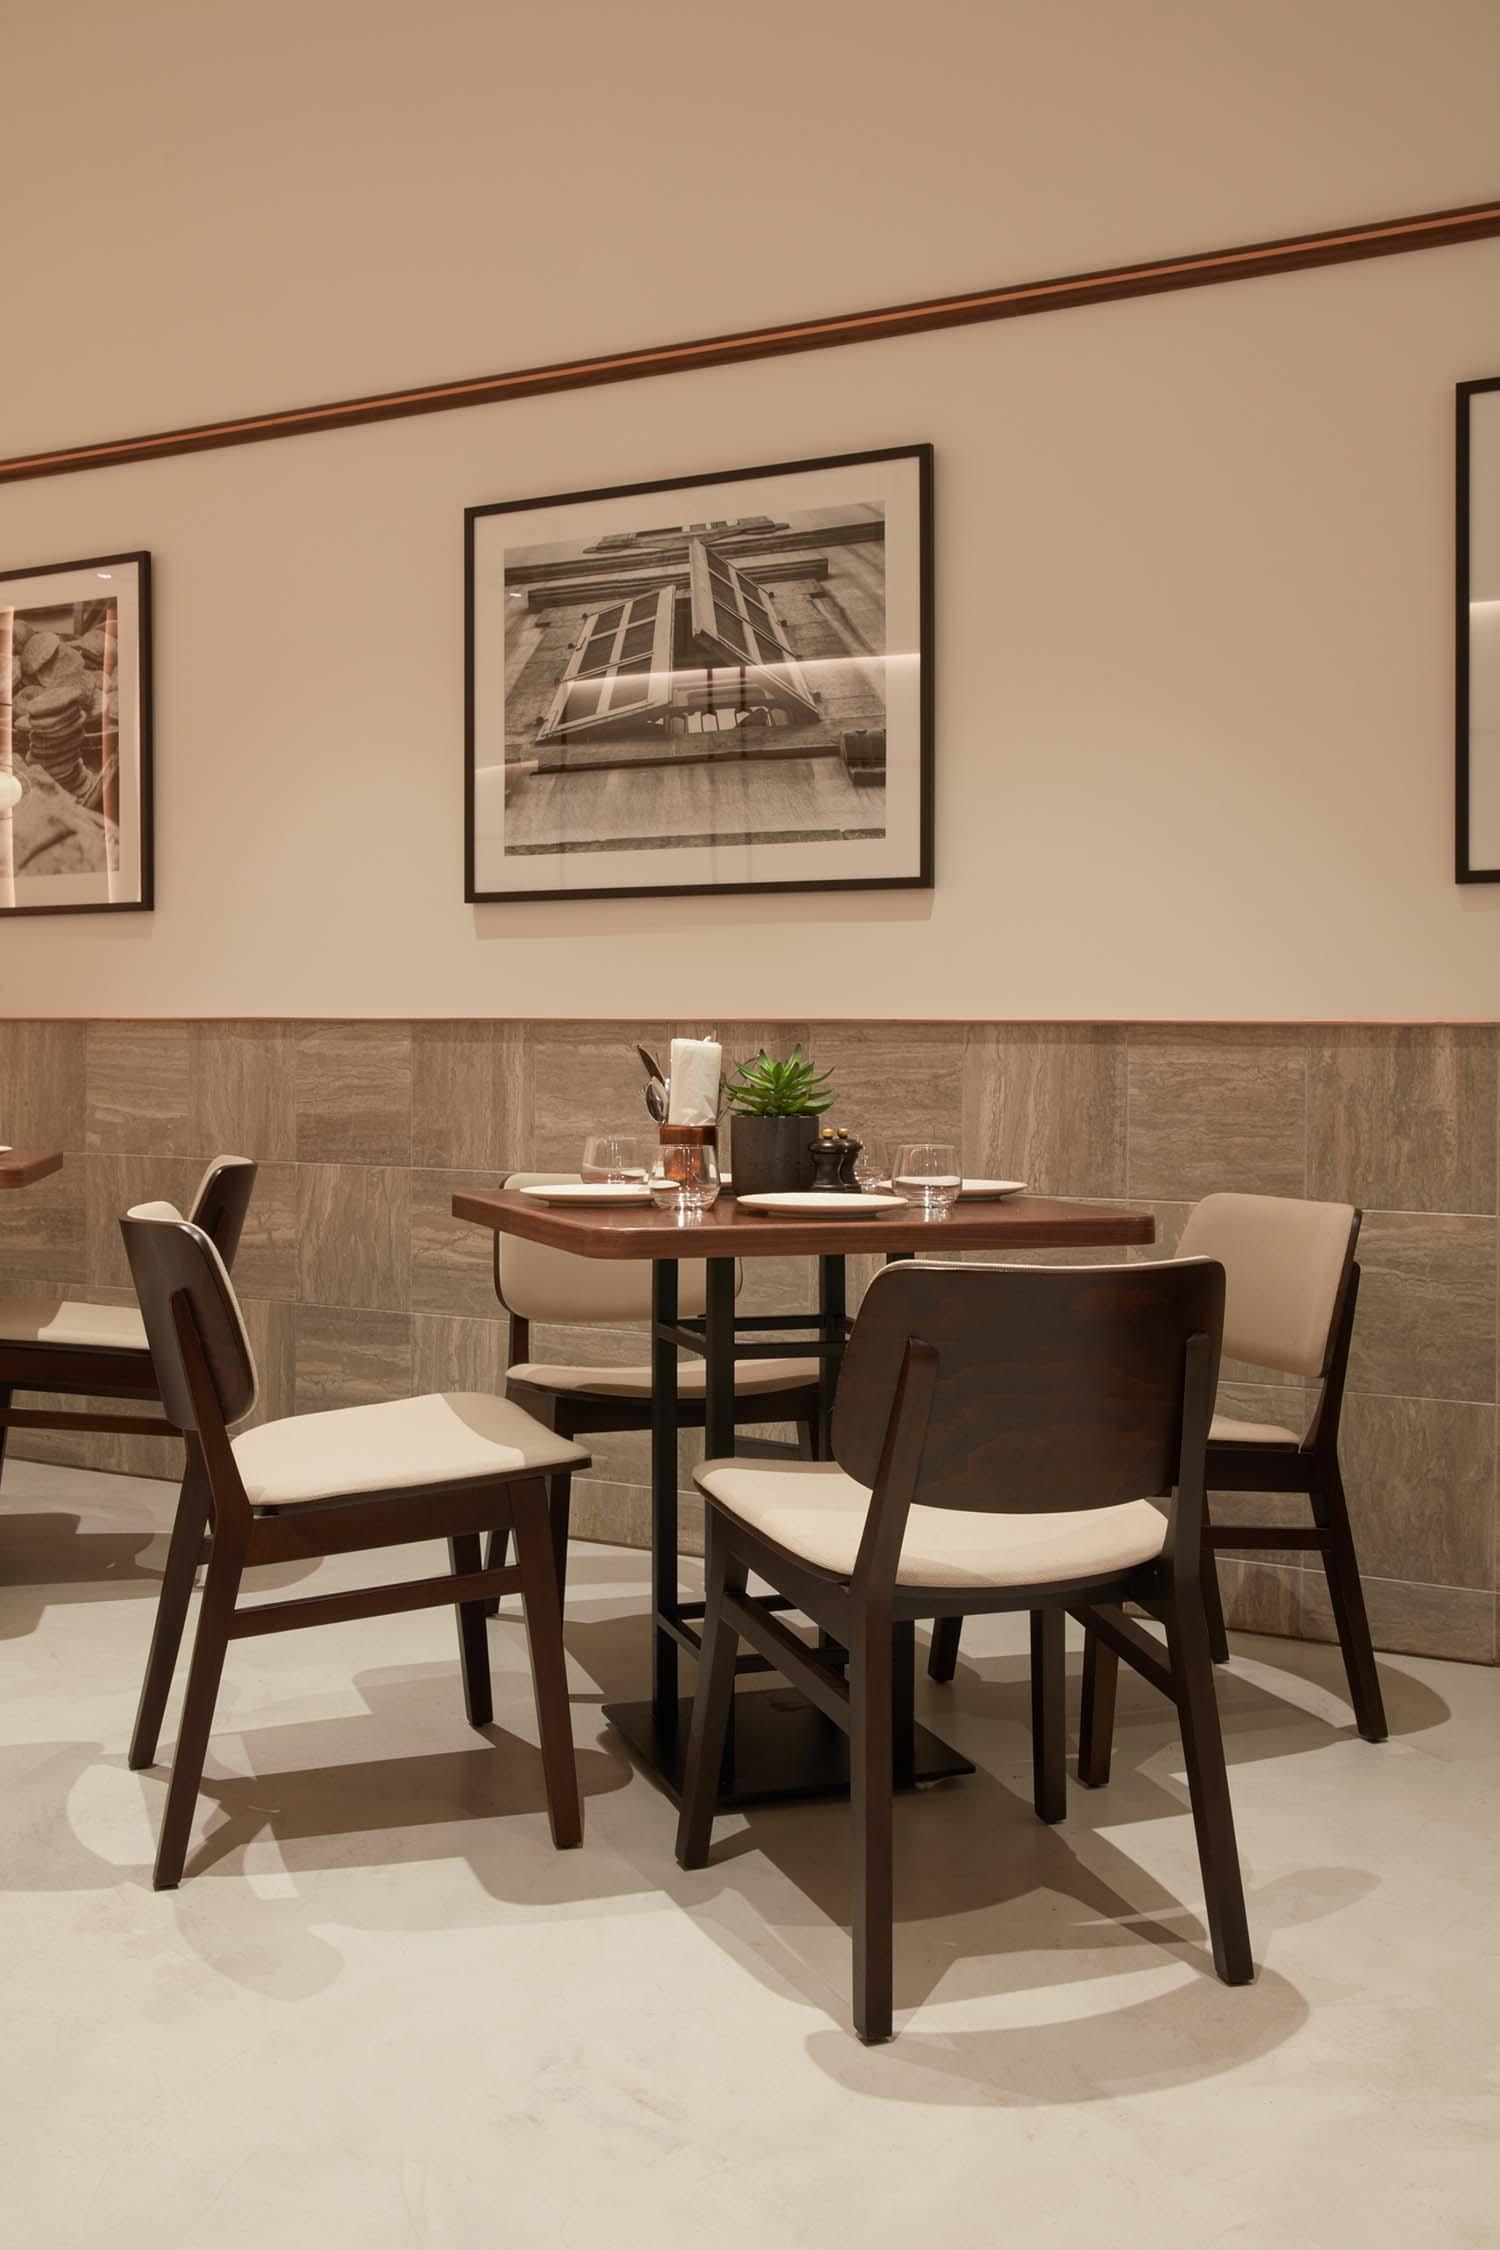 Asma-Interior Design Company in UAE